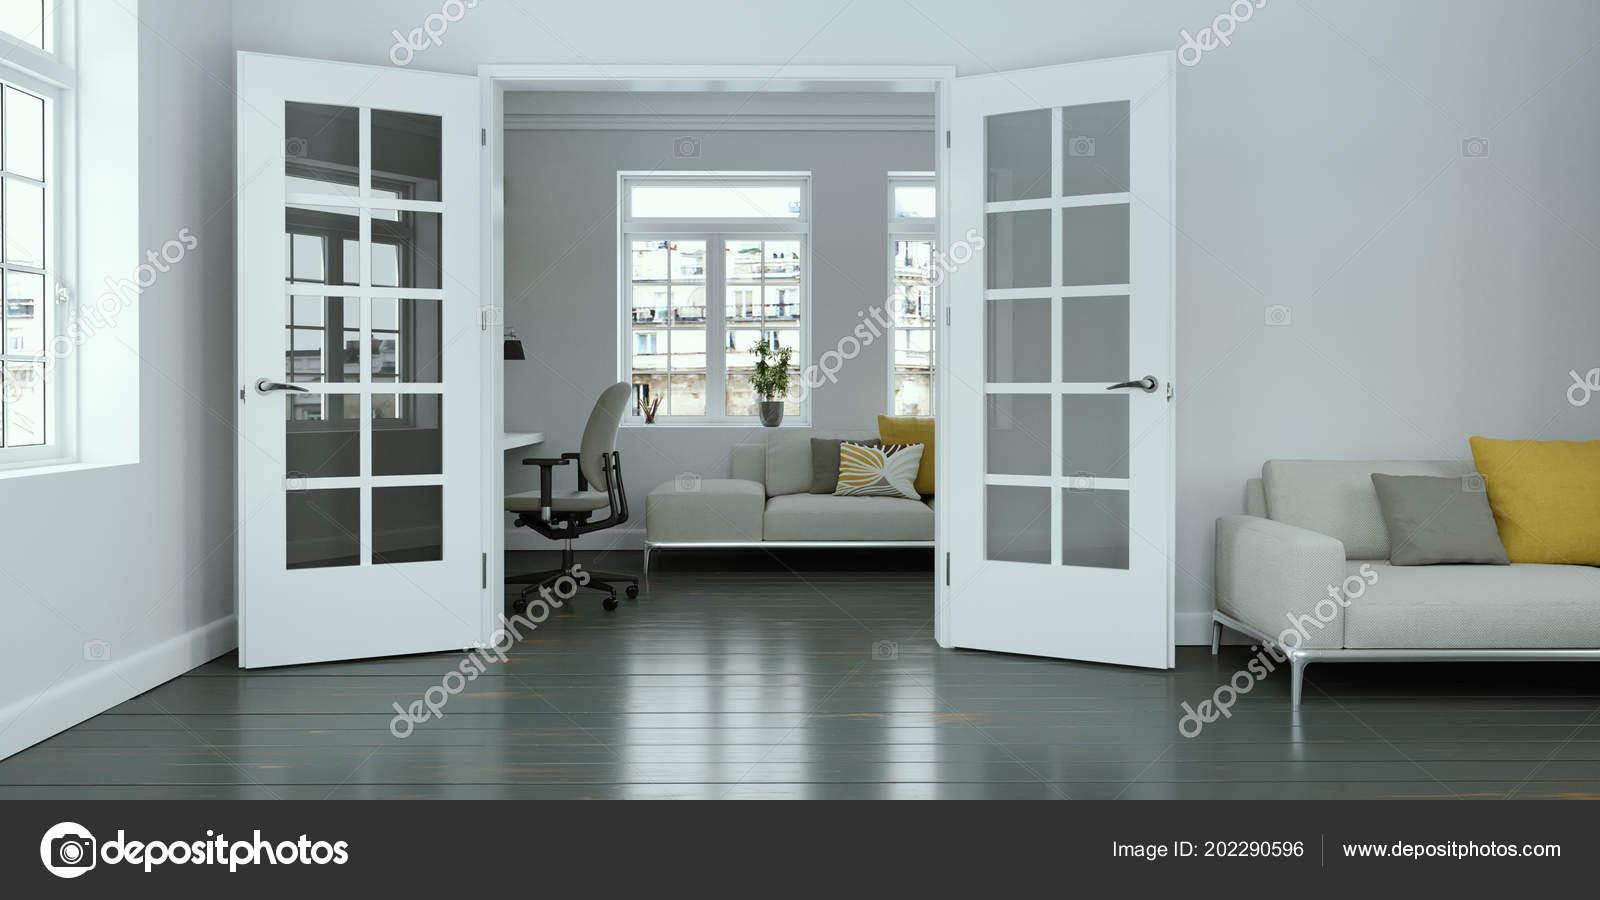 design de interiores moderno sala branca stock photo virtua73